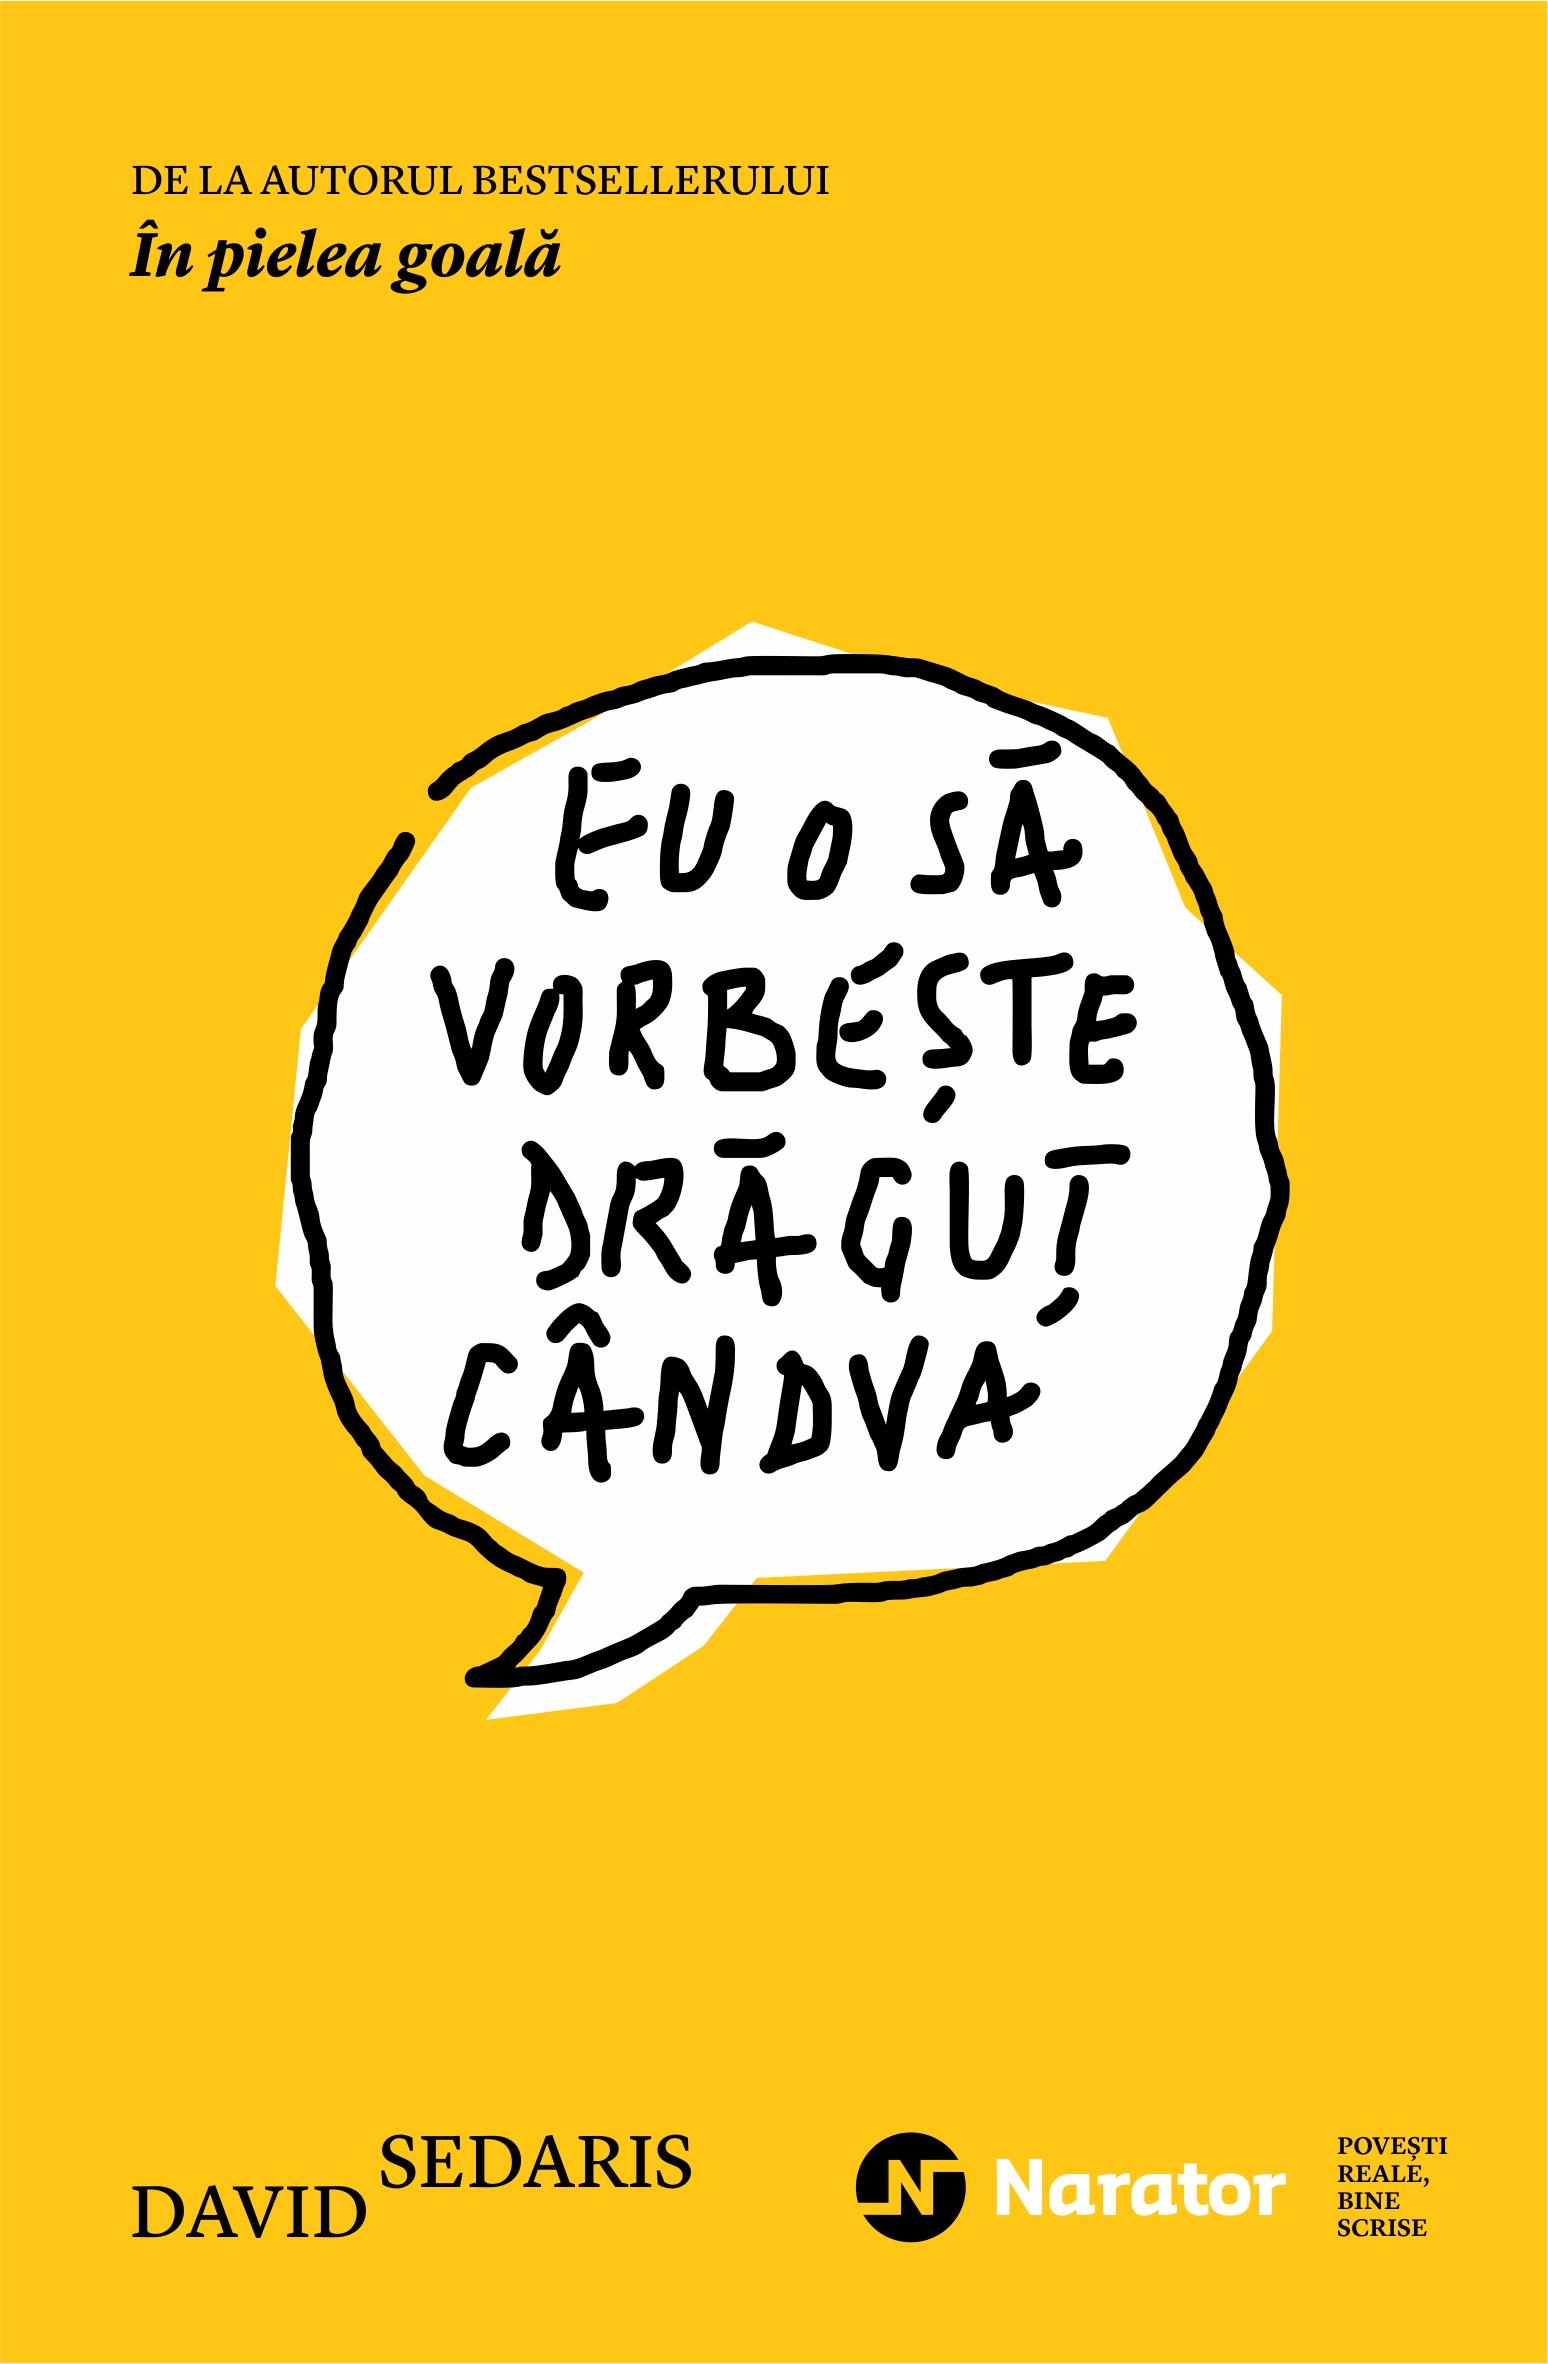 Eu o sa vorbeste dragut candva_editurapublica